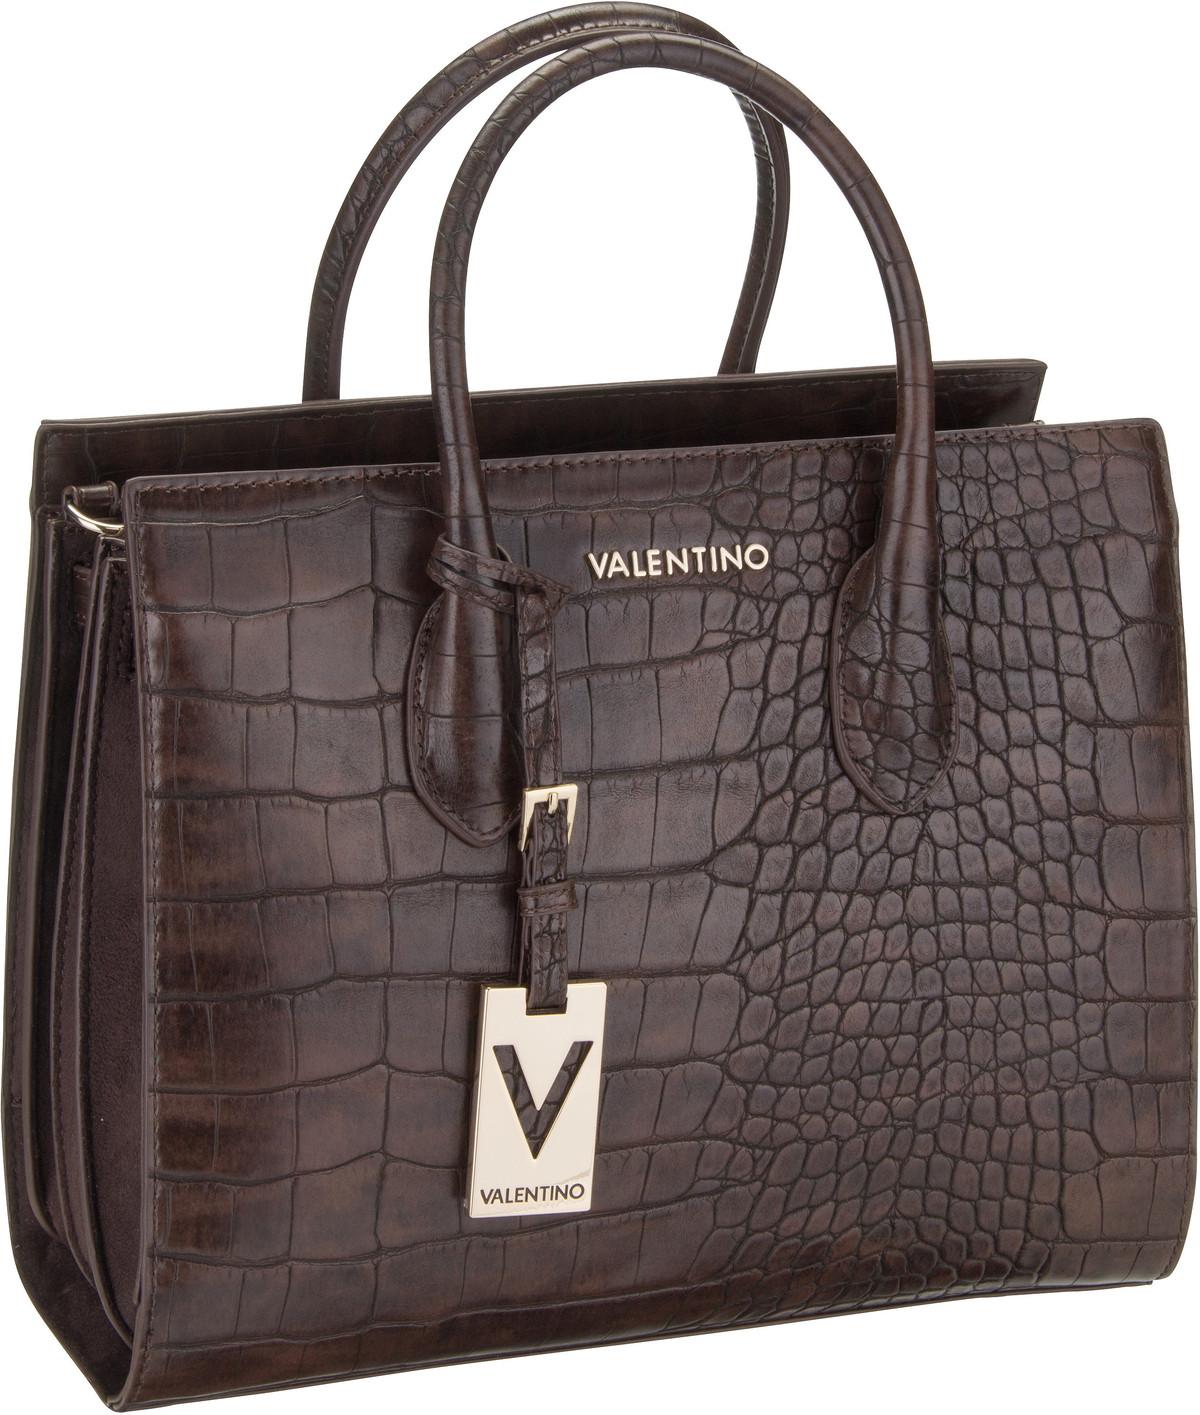 Handtasche Winter Memento Shopping L01 Caffe